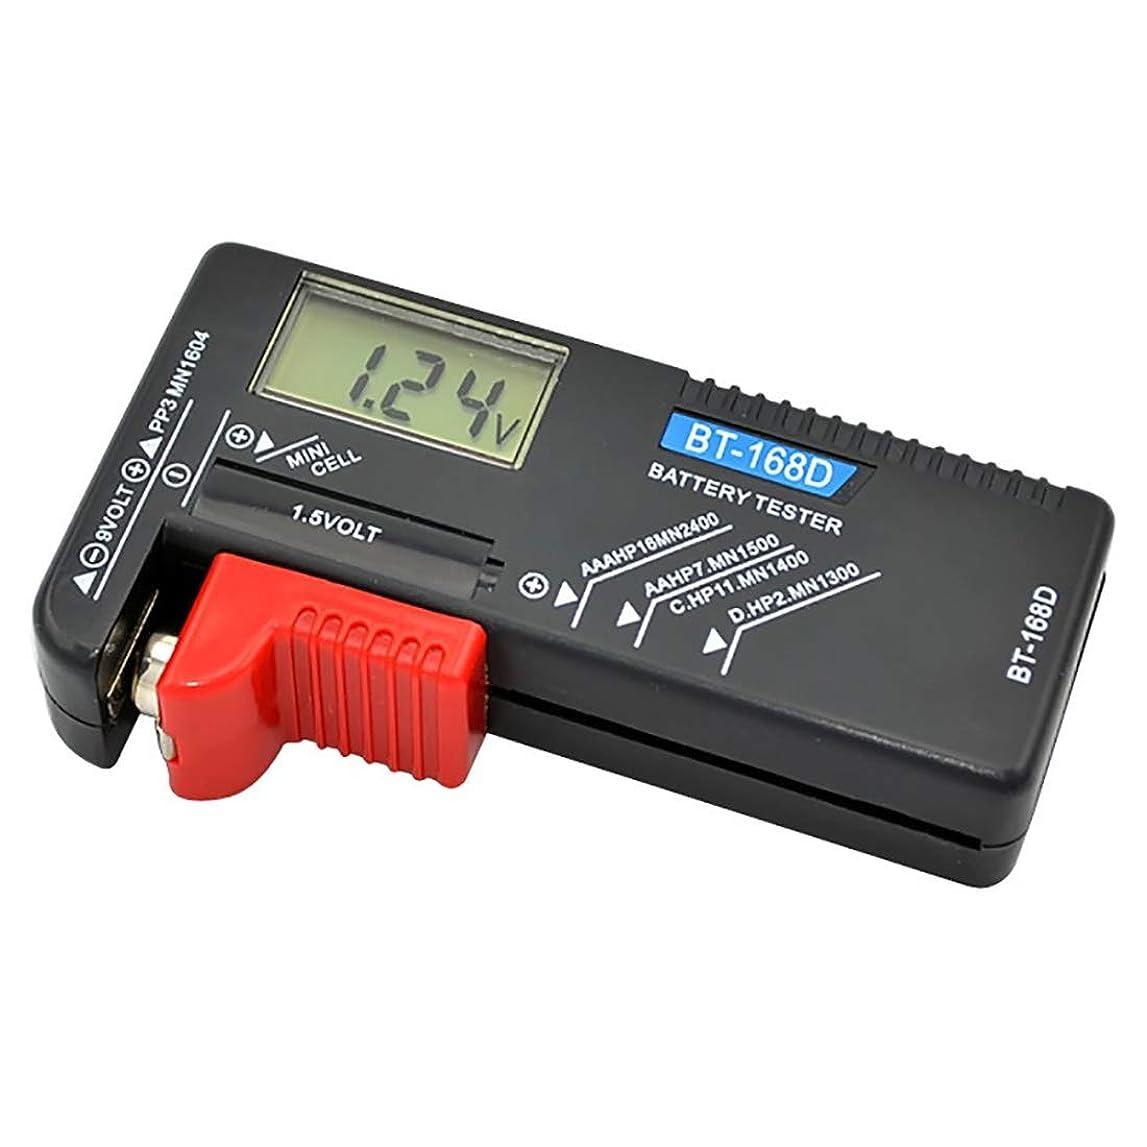 店主復活する遠足バッテリーテスター 乾電池残量測定器 乾電池やボタン電池の残量チェック ブラック BT-168